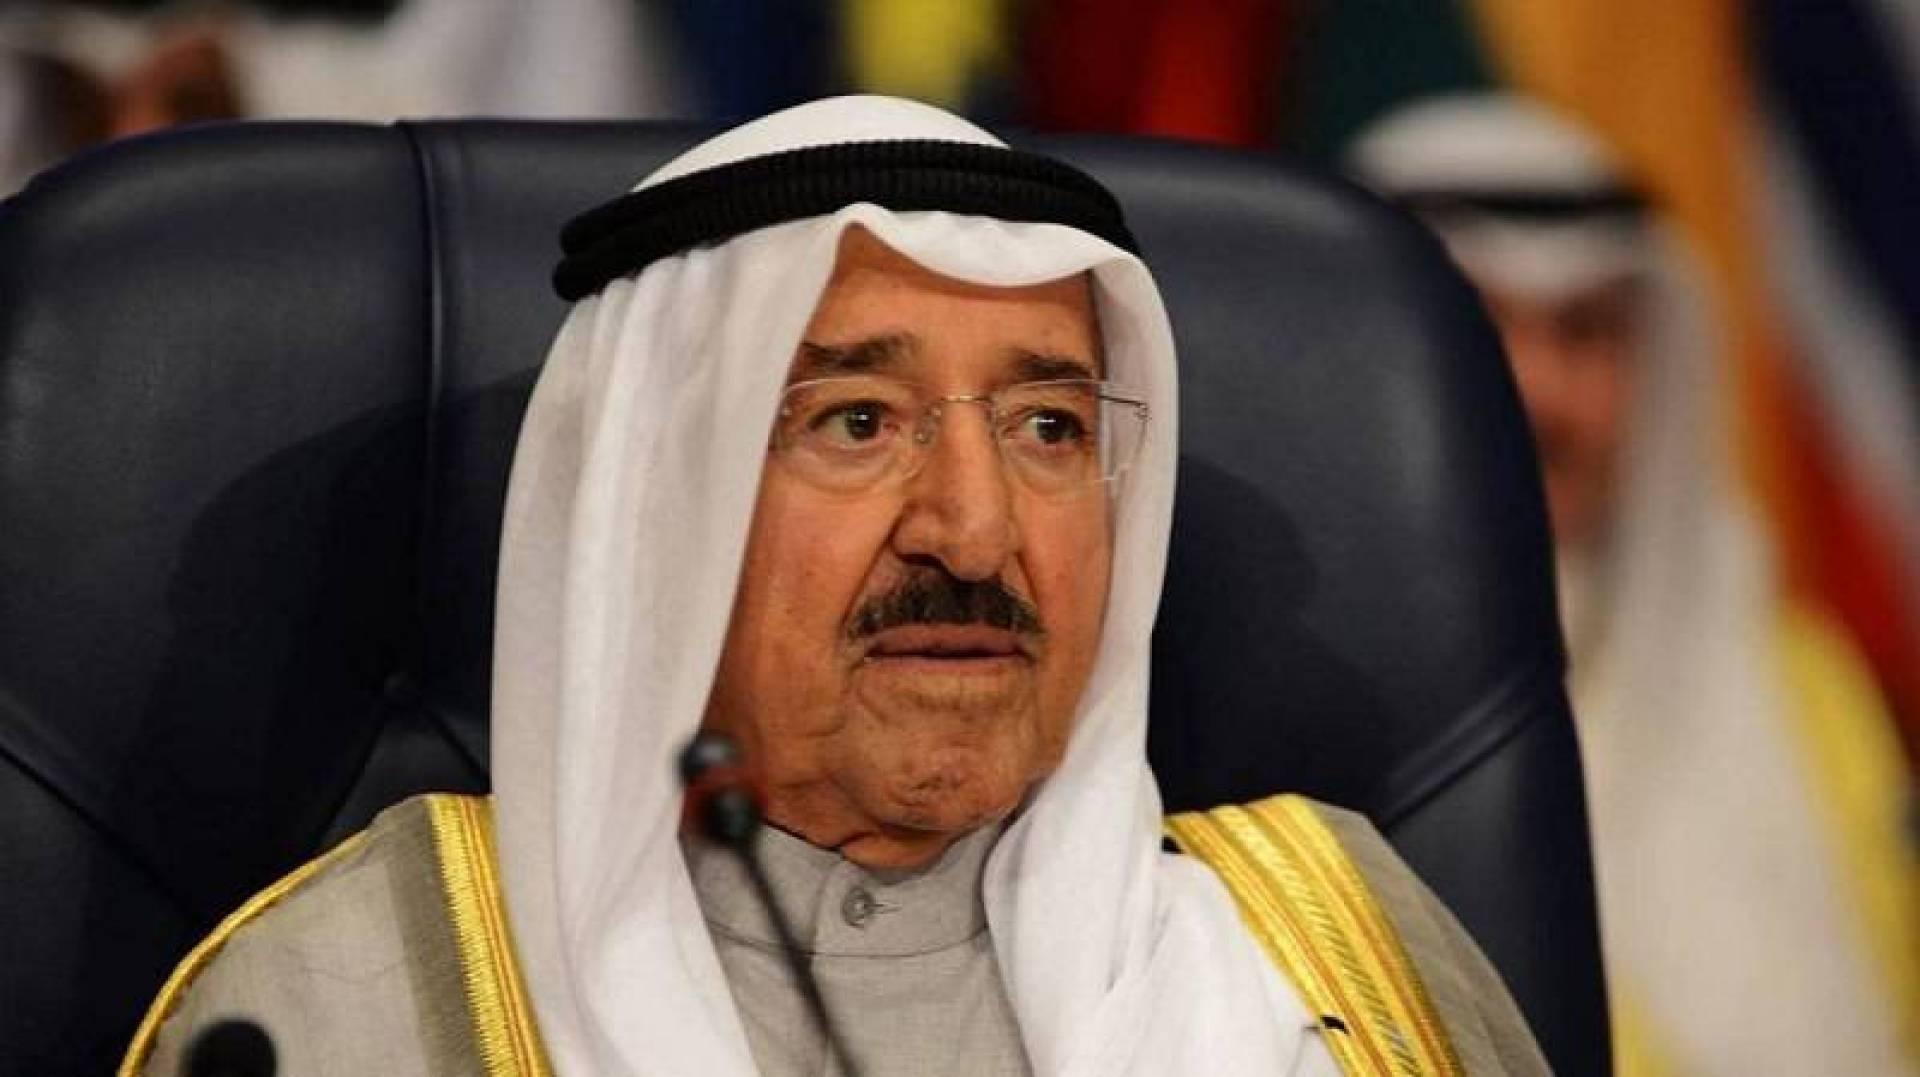 سمو الأمير يهنئ أمير قطر بنجاح كأس الخليج العربي لكرة القدم